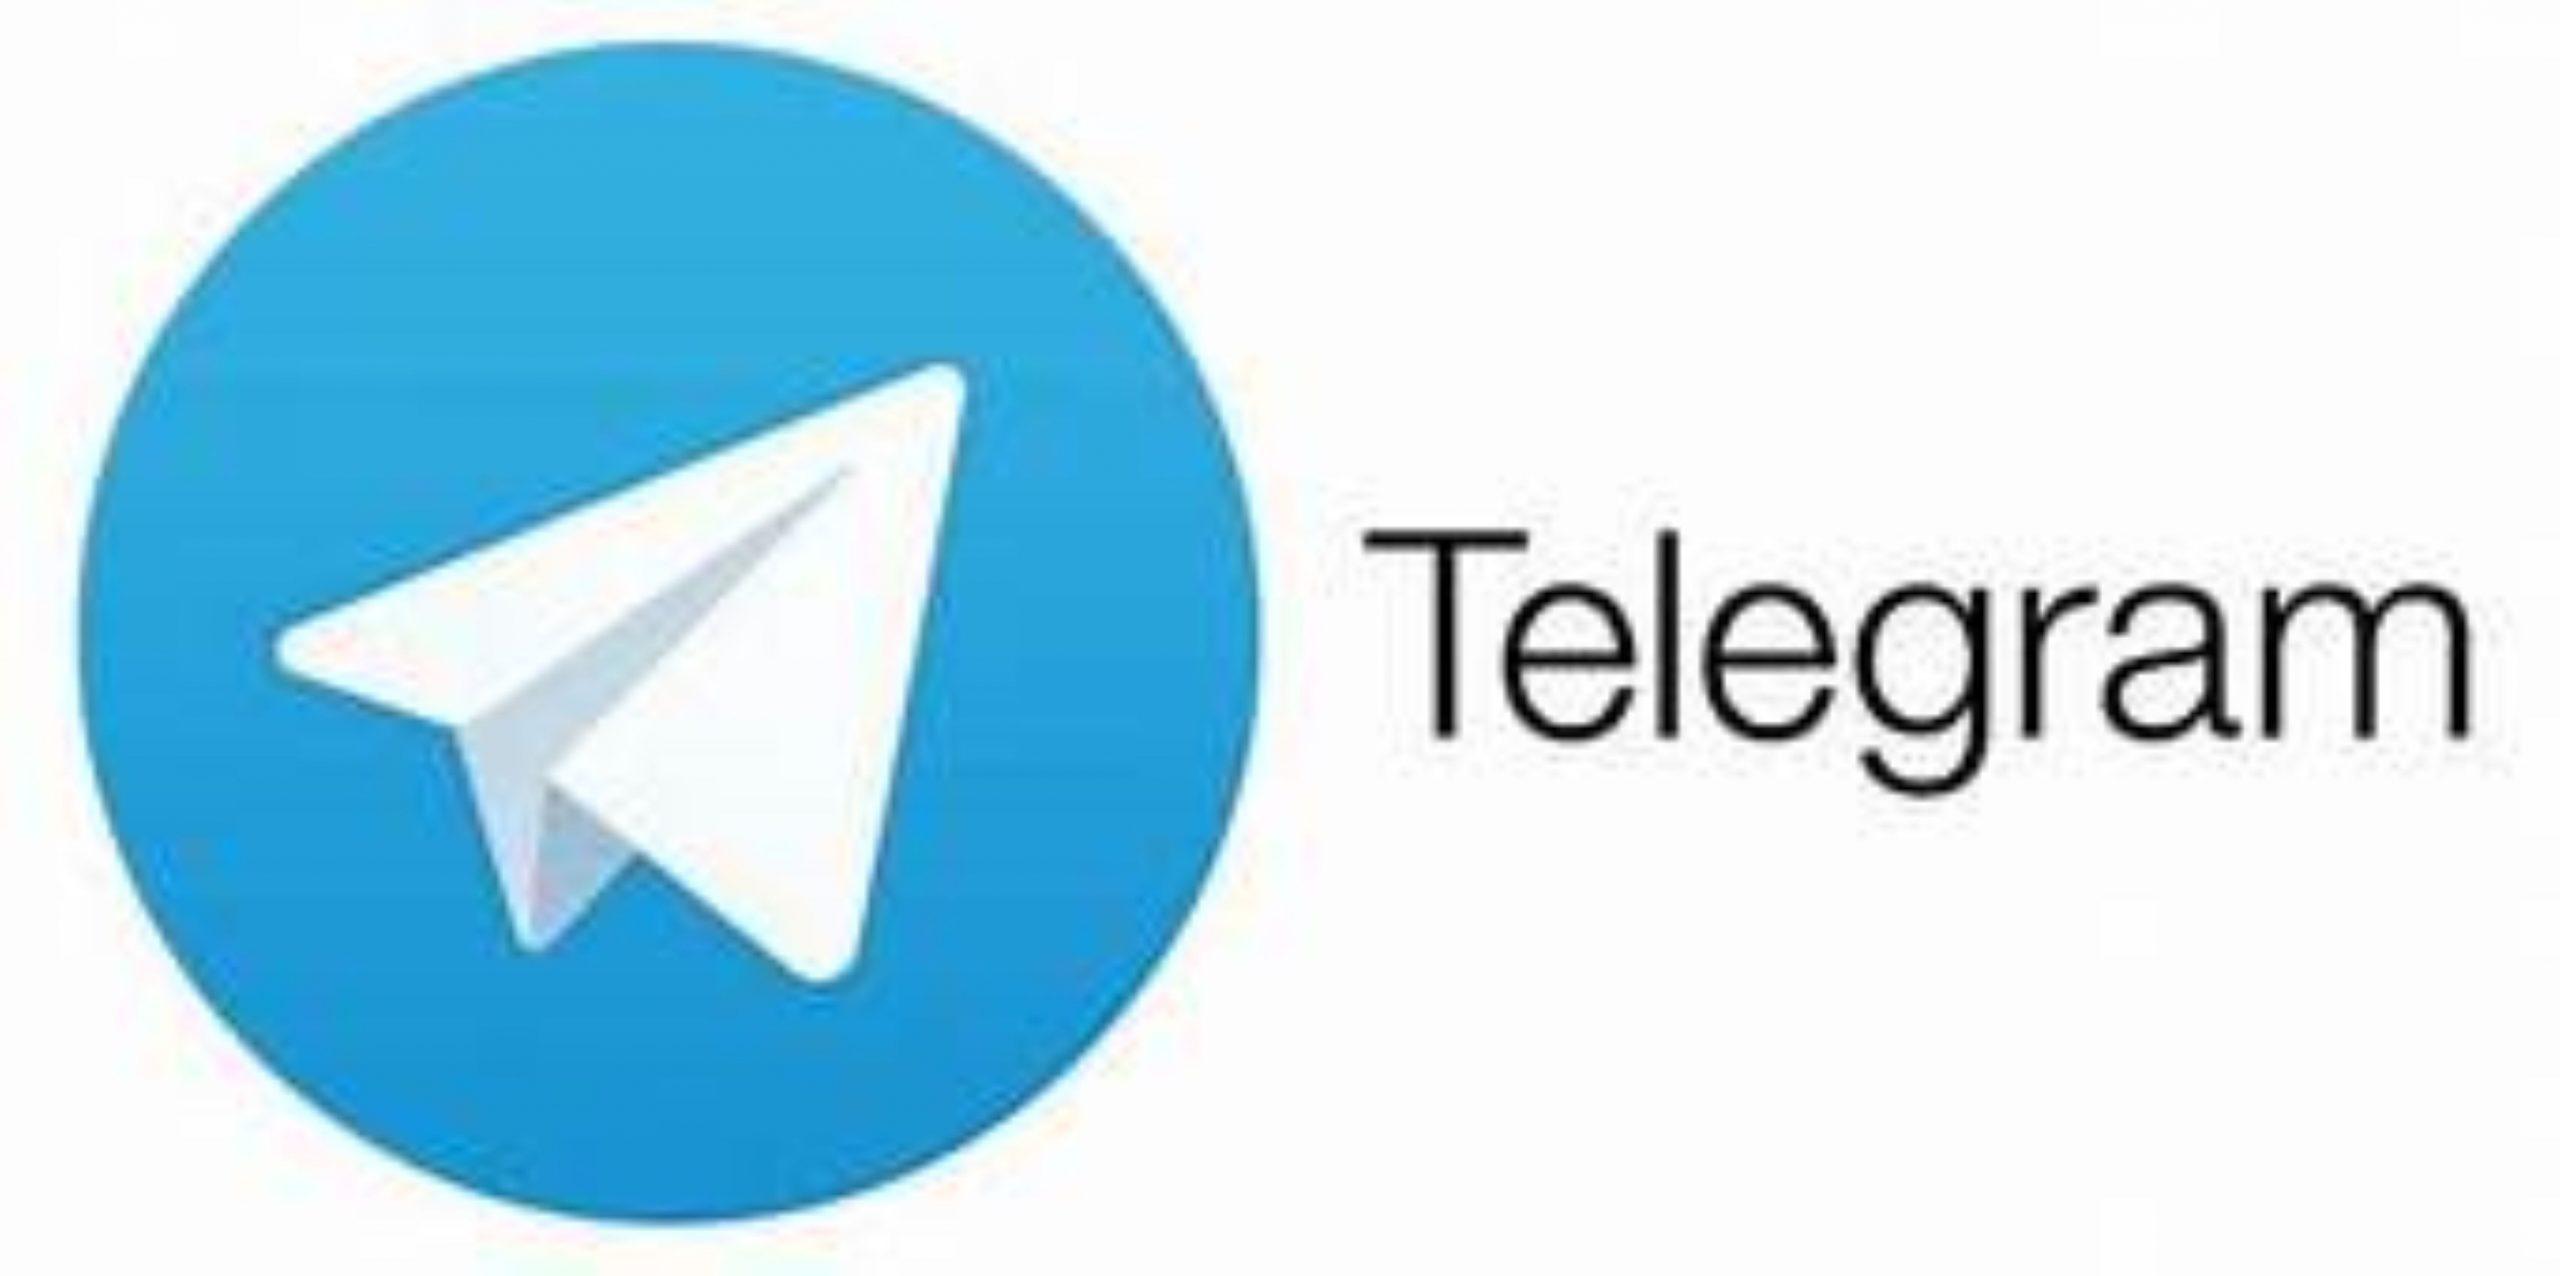 إضافة ميزة مكالمات فيديو جماعية في تليجرام ومنافسة شرسة مع التطبيقات الاخرى